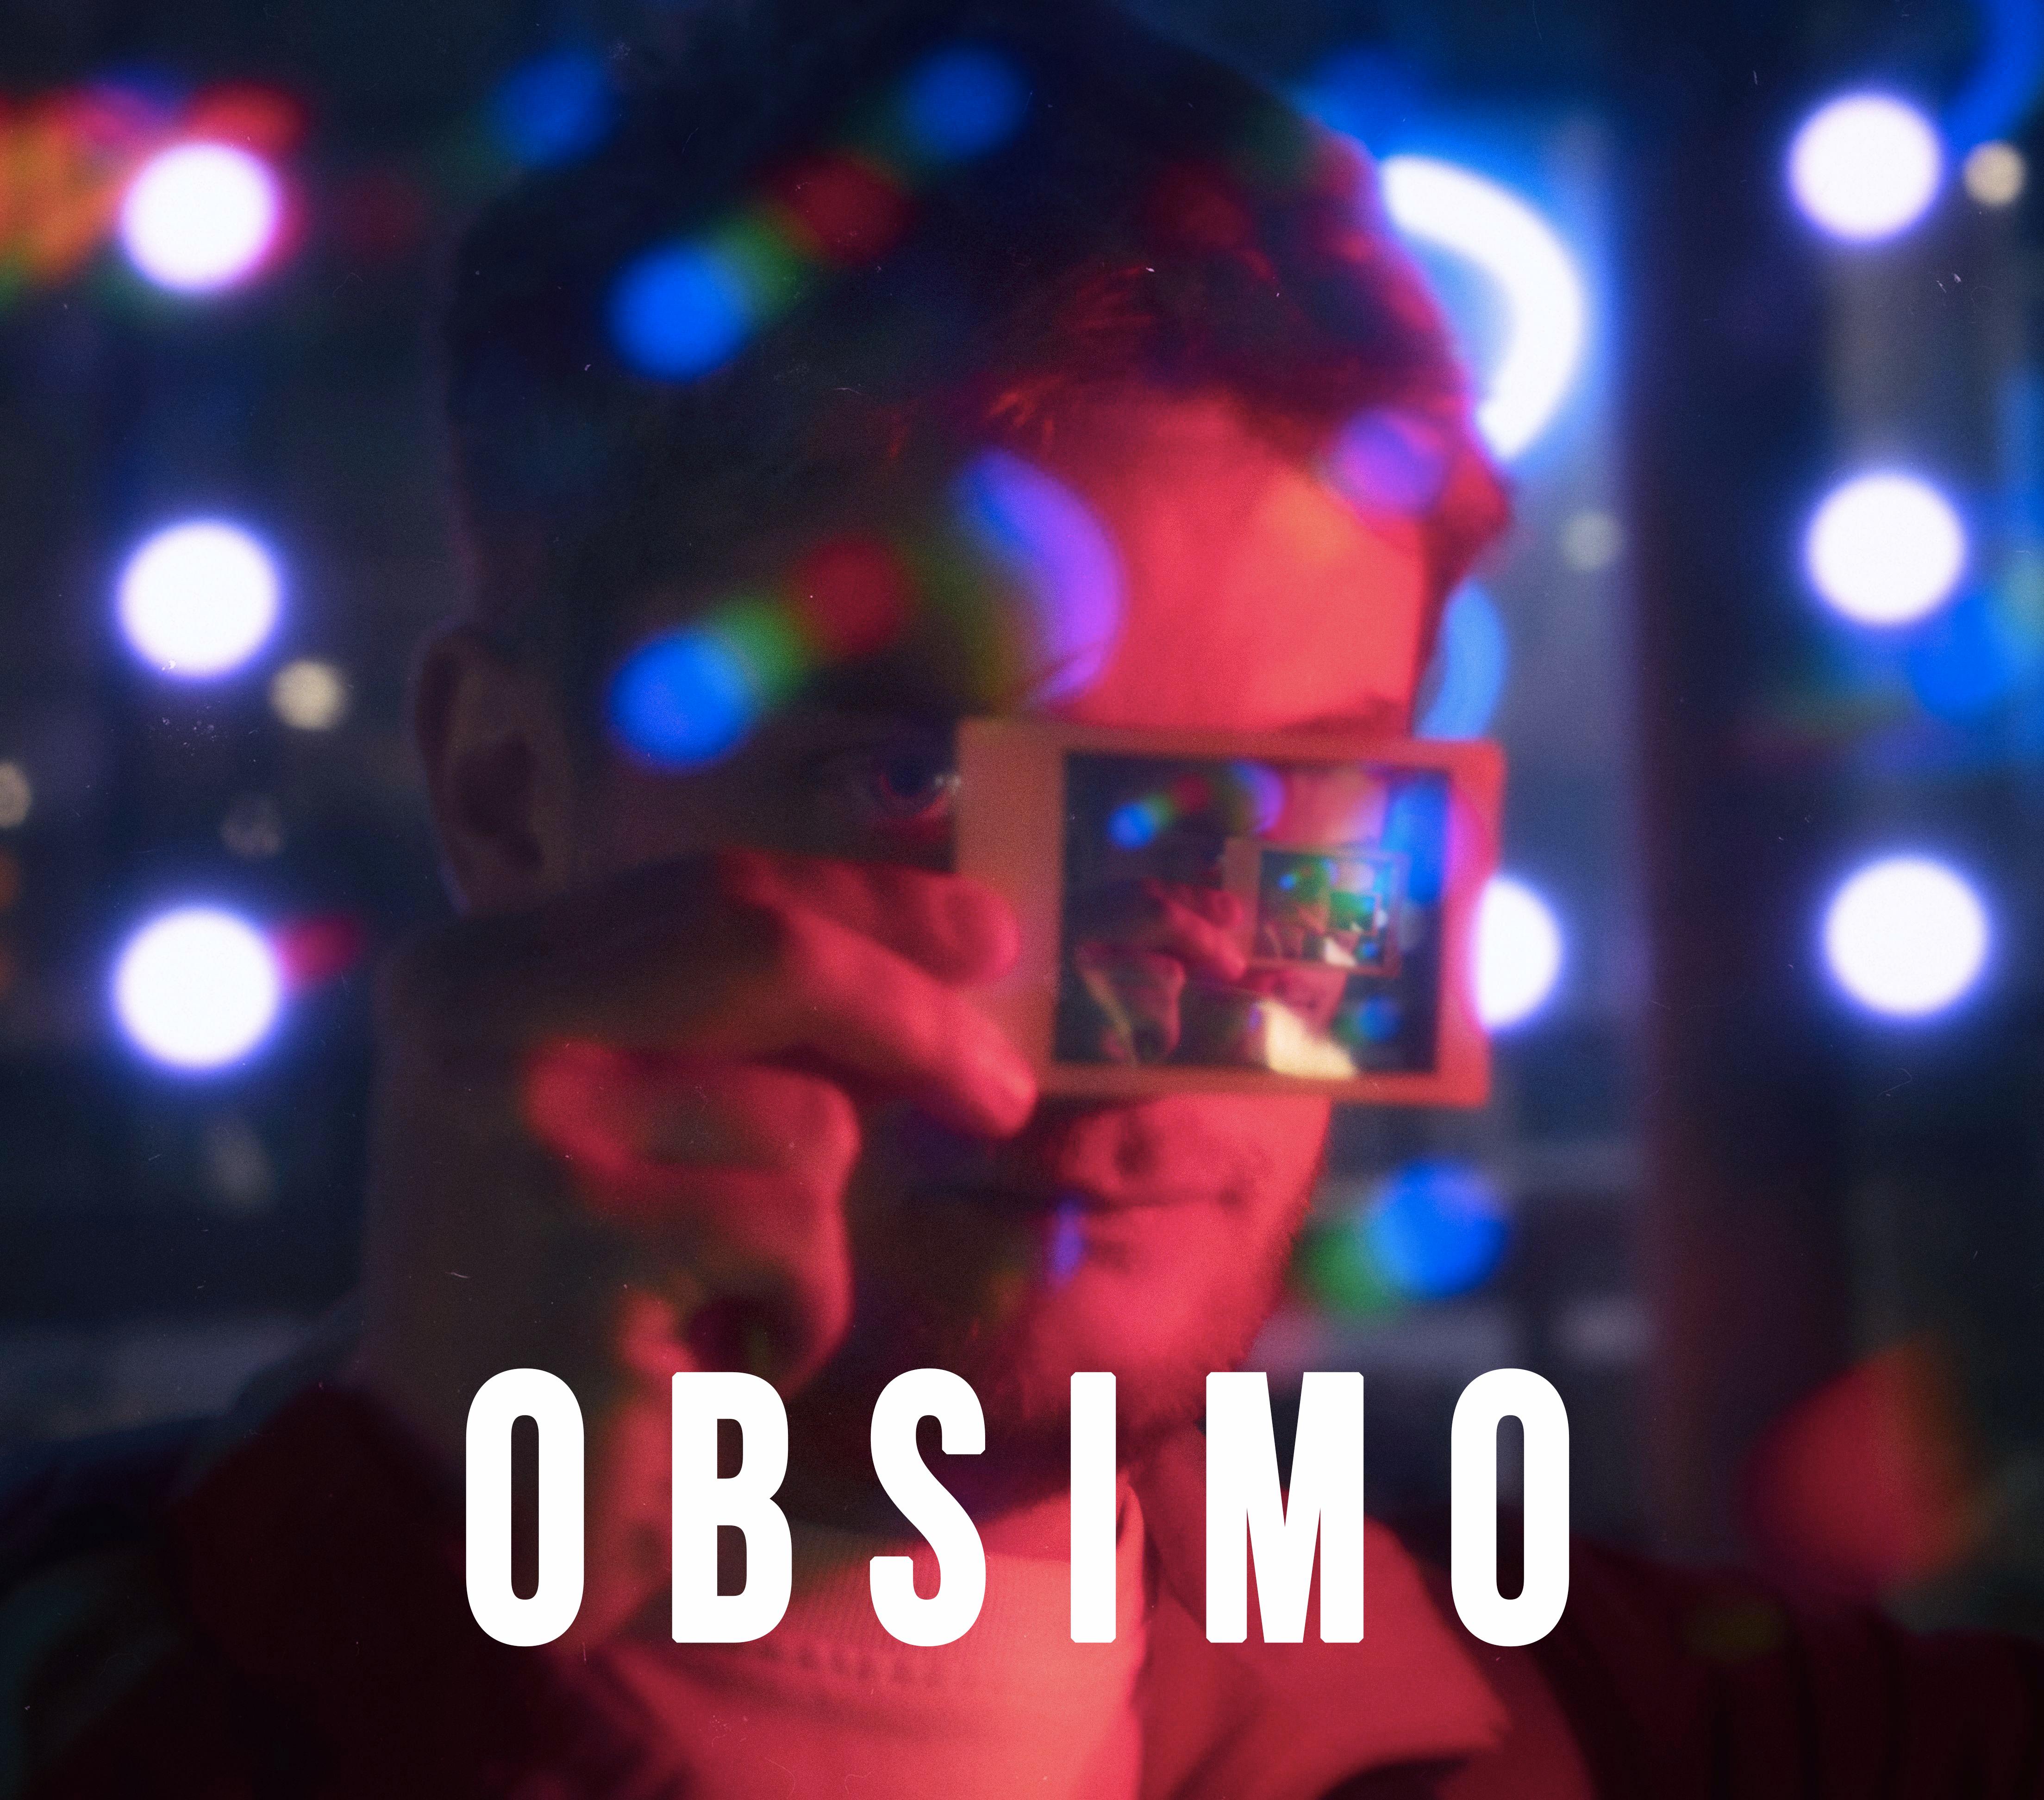 OBSIMO